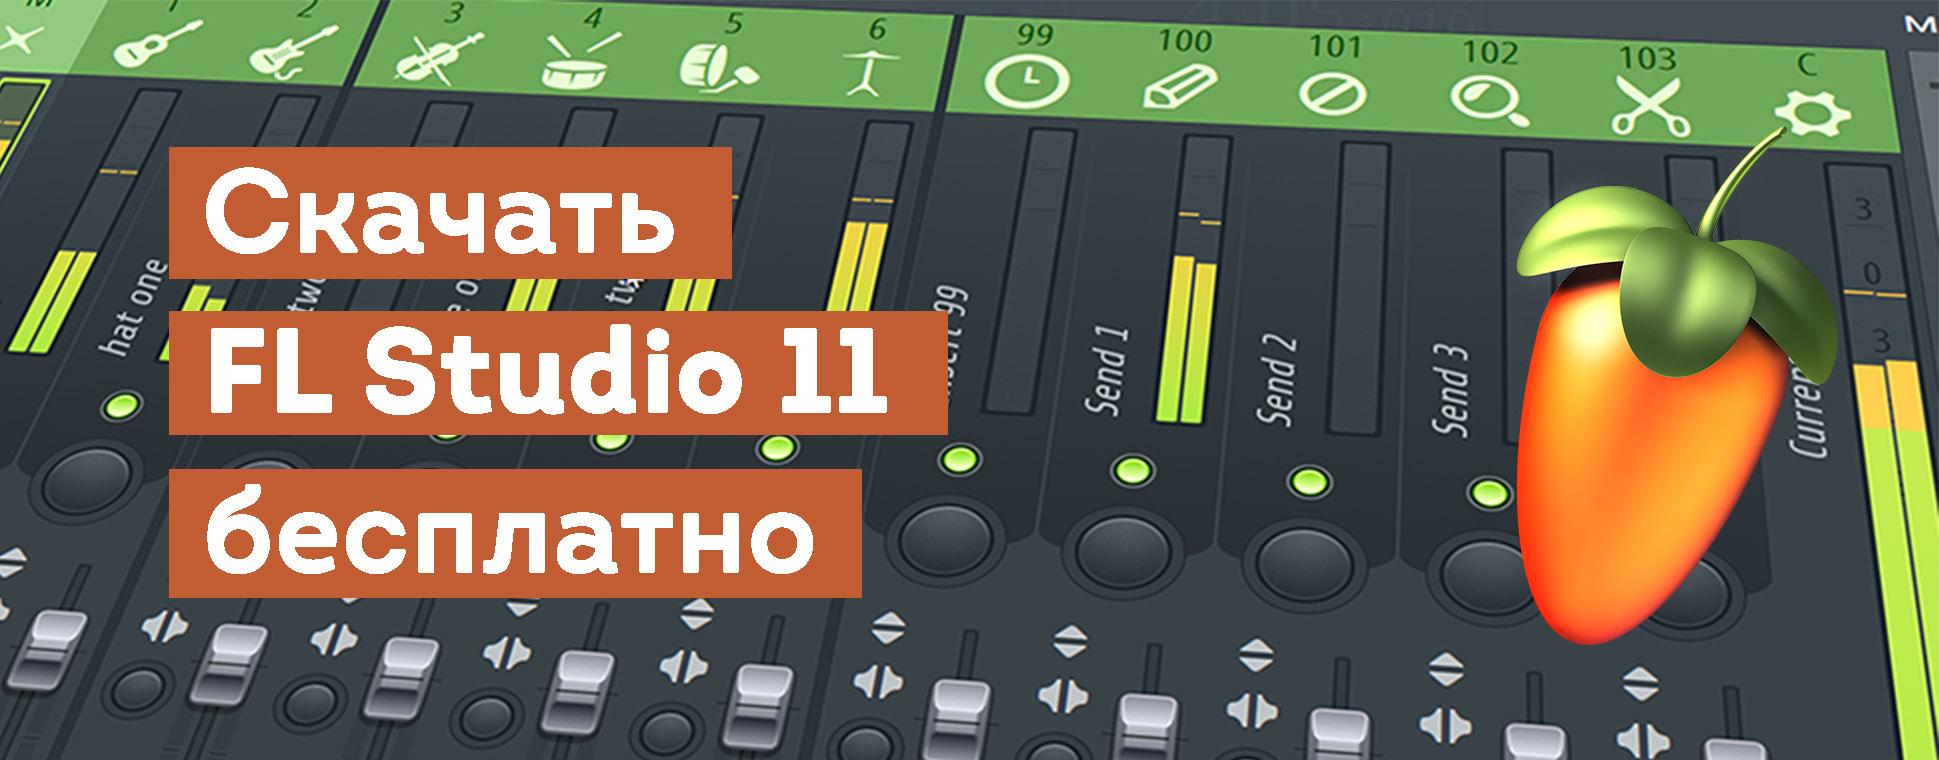 FL Studio 11 скачать на русском